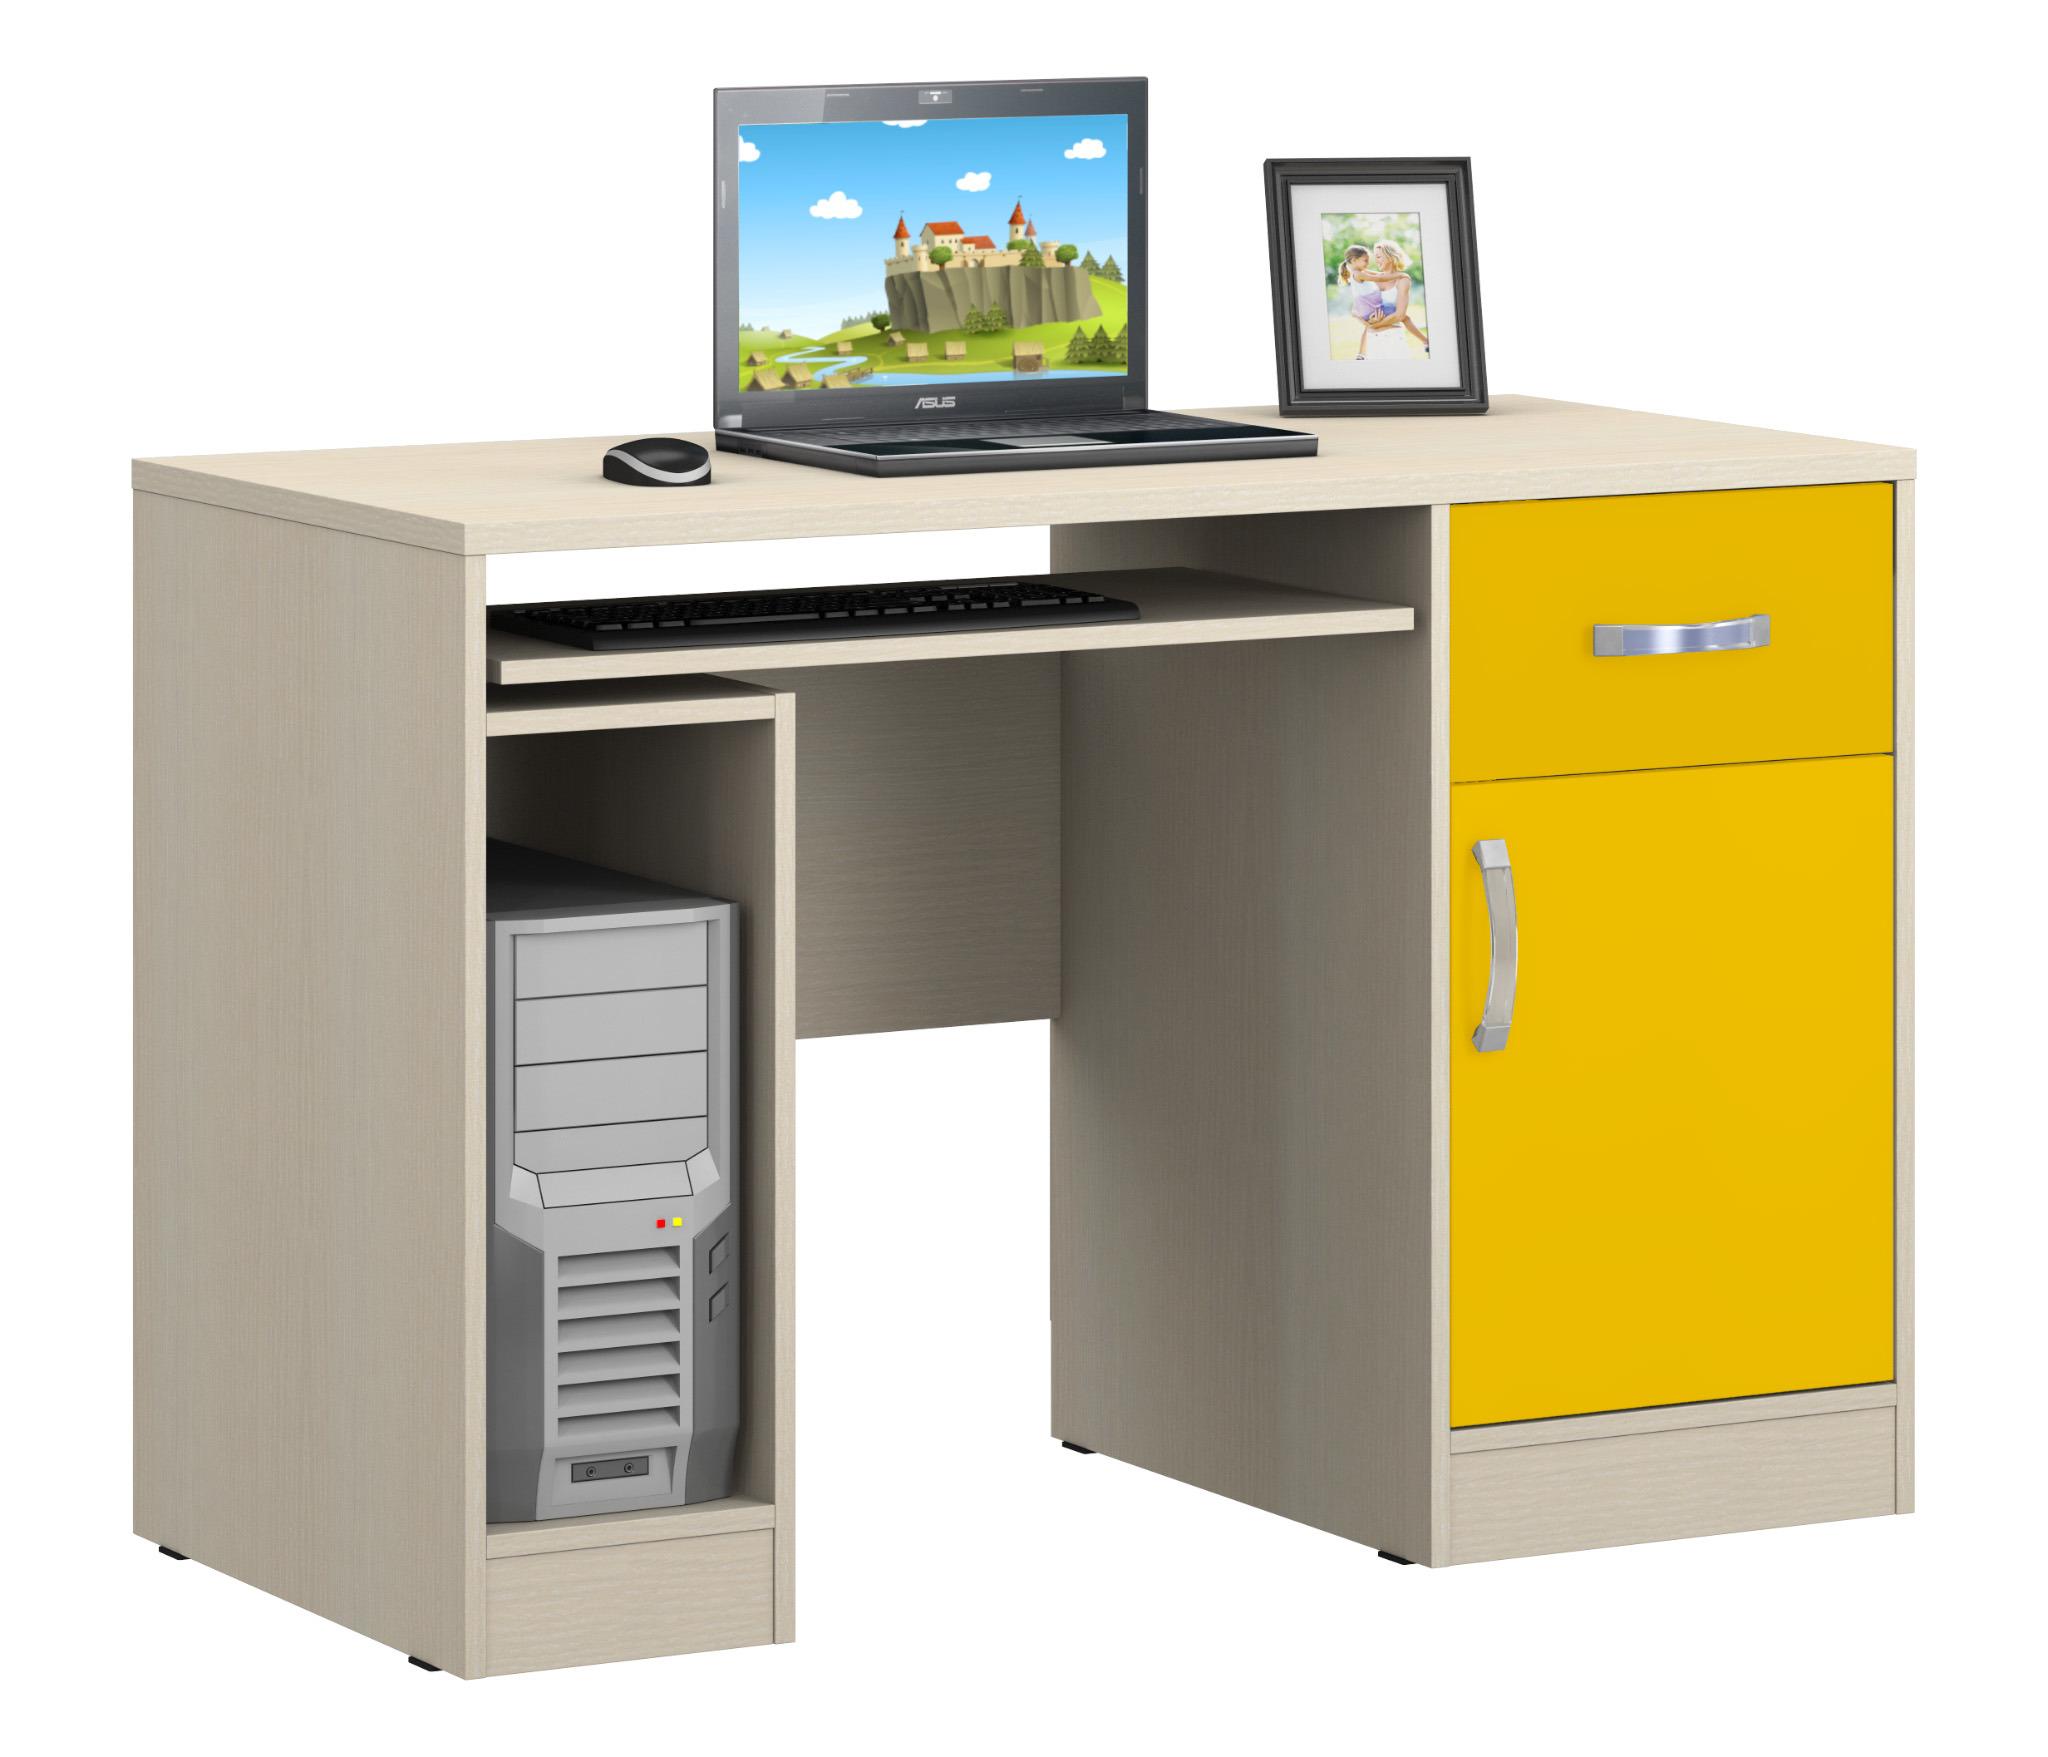 Фред сб-1018 стол компьютерный столплит 13406390 купить в ин.